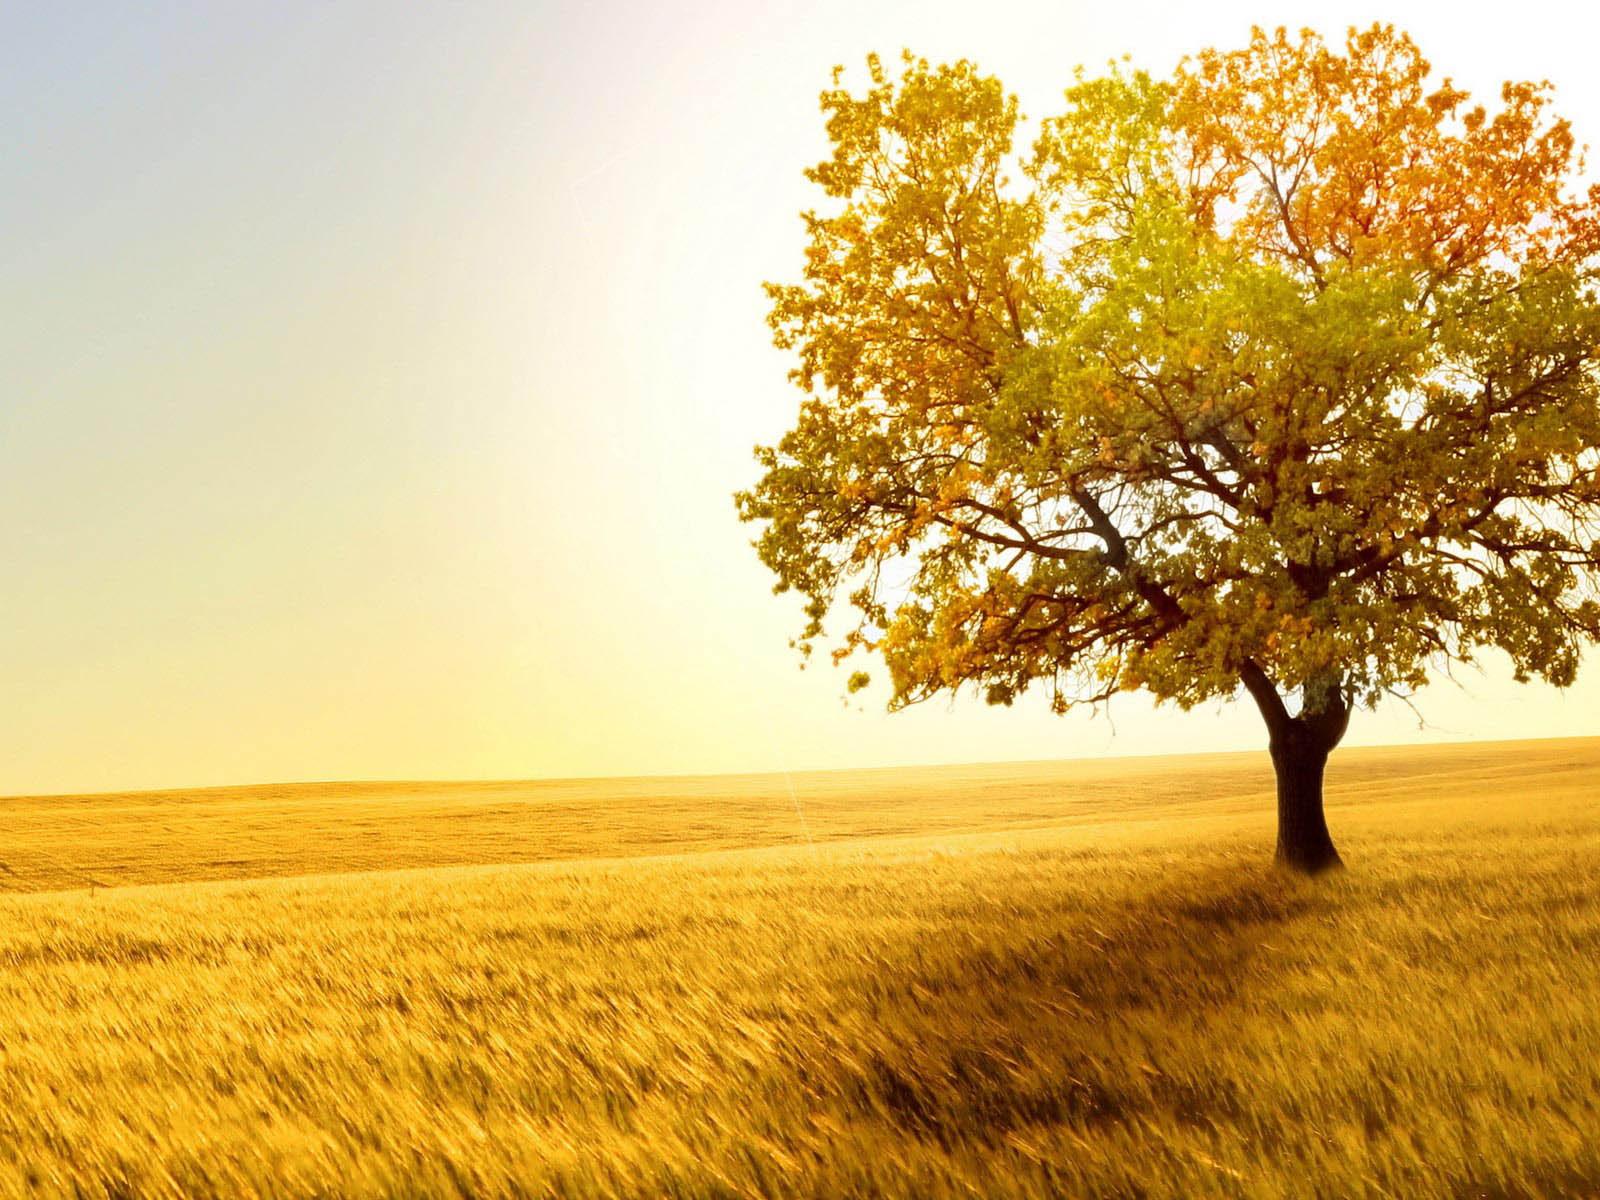 wallpapers: Tree In Field